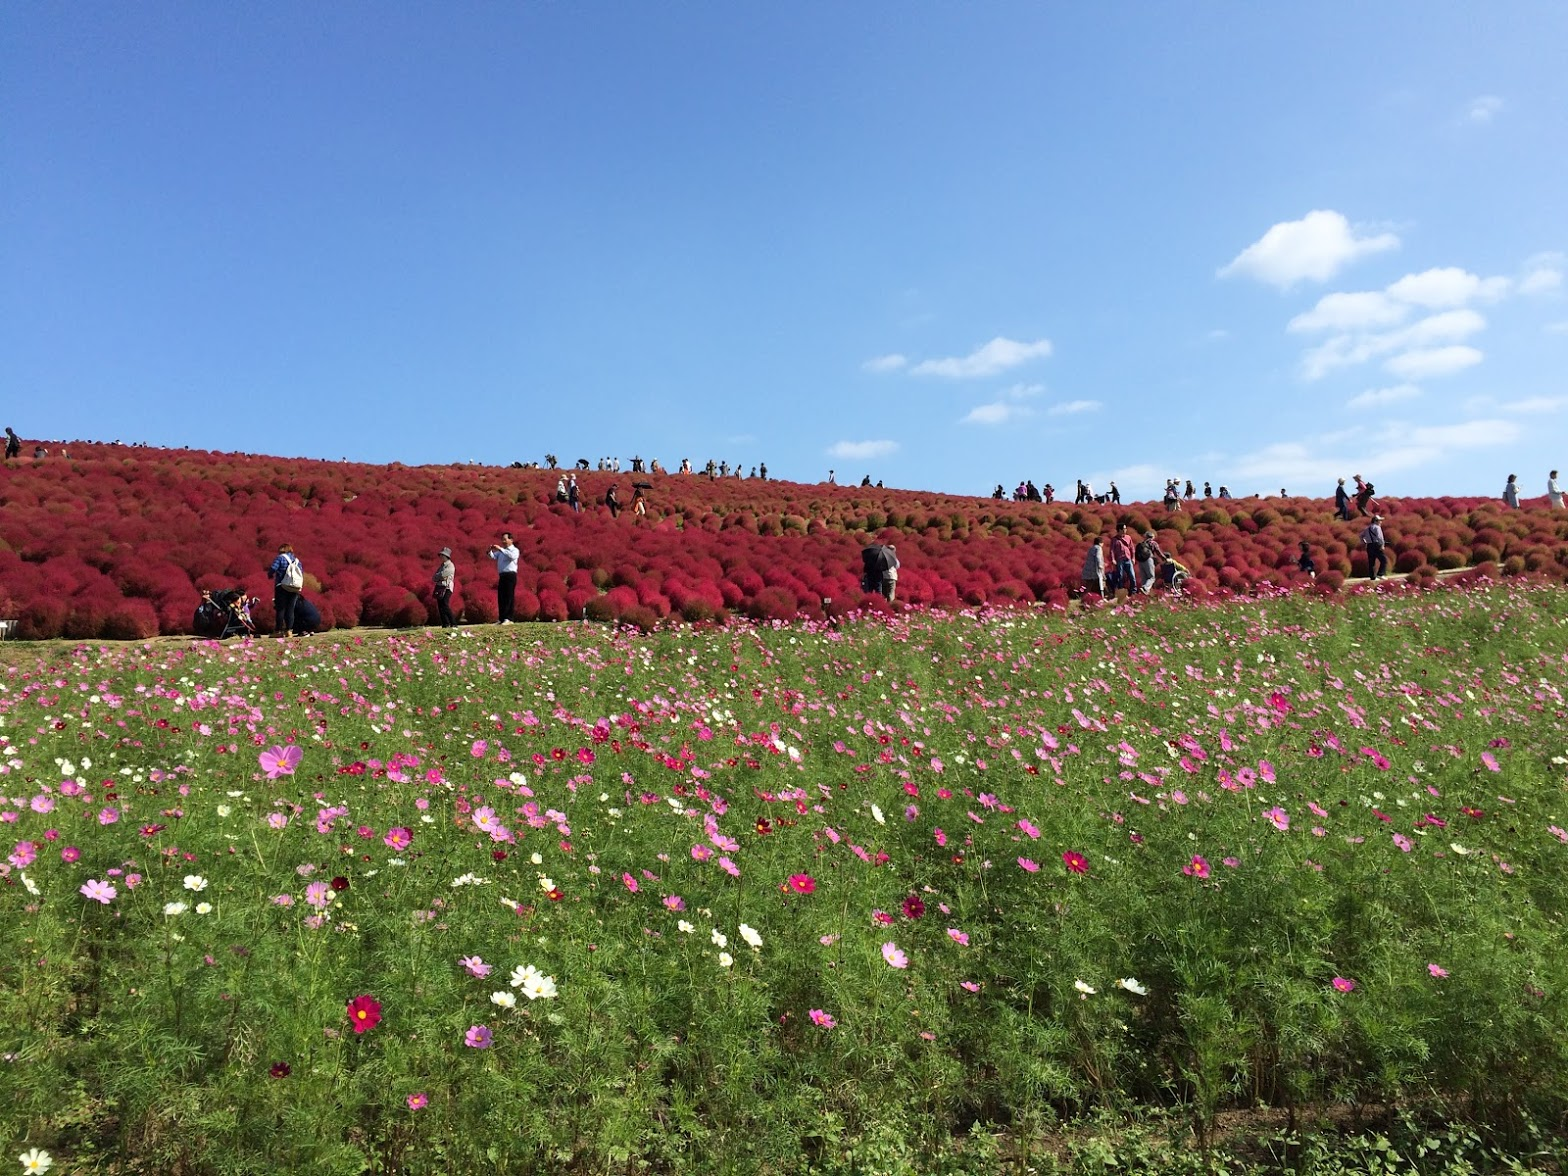 Photo by Asuka Yuikawa